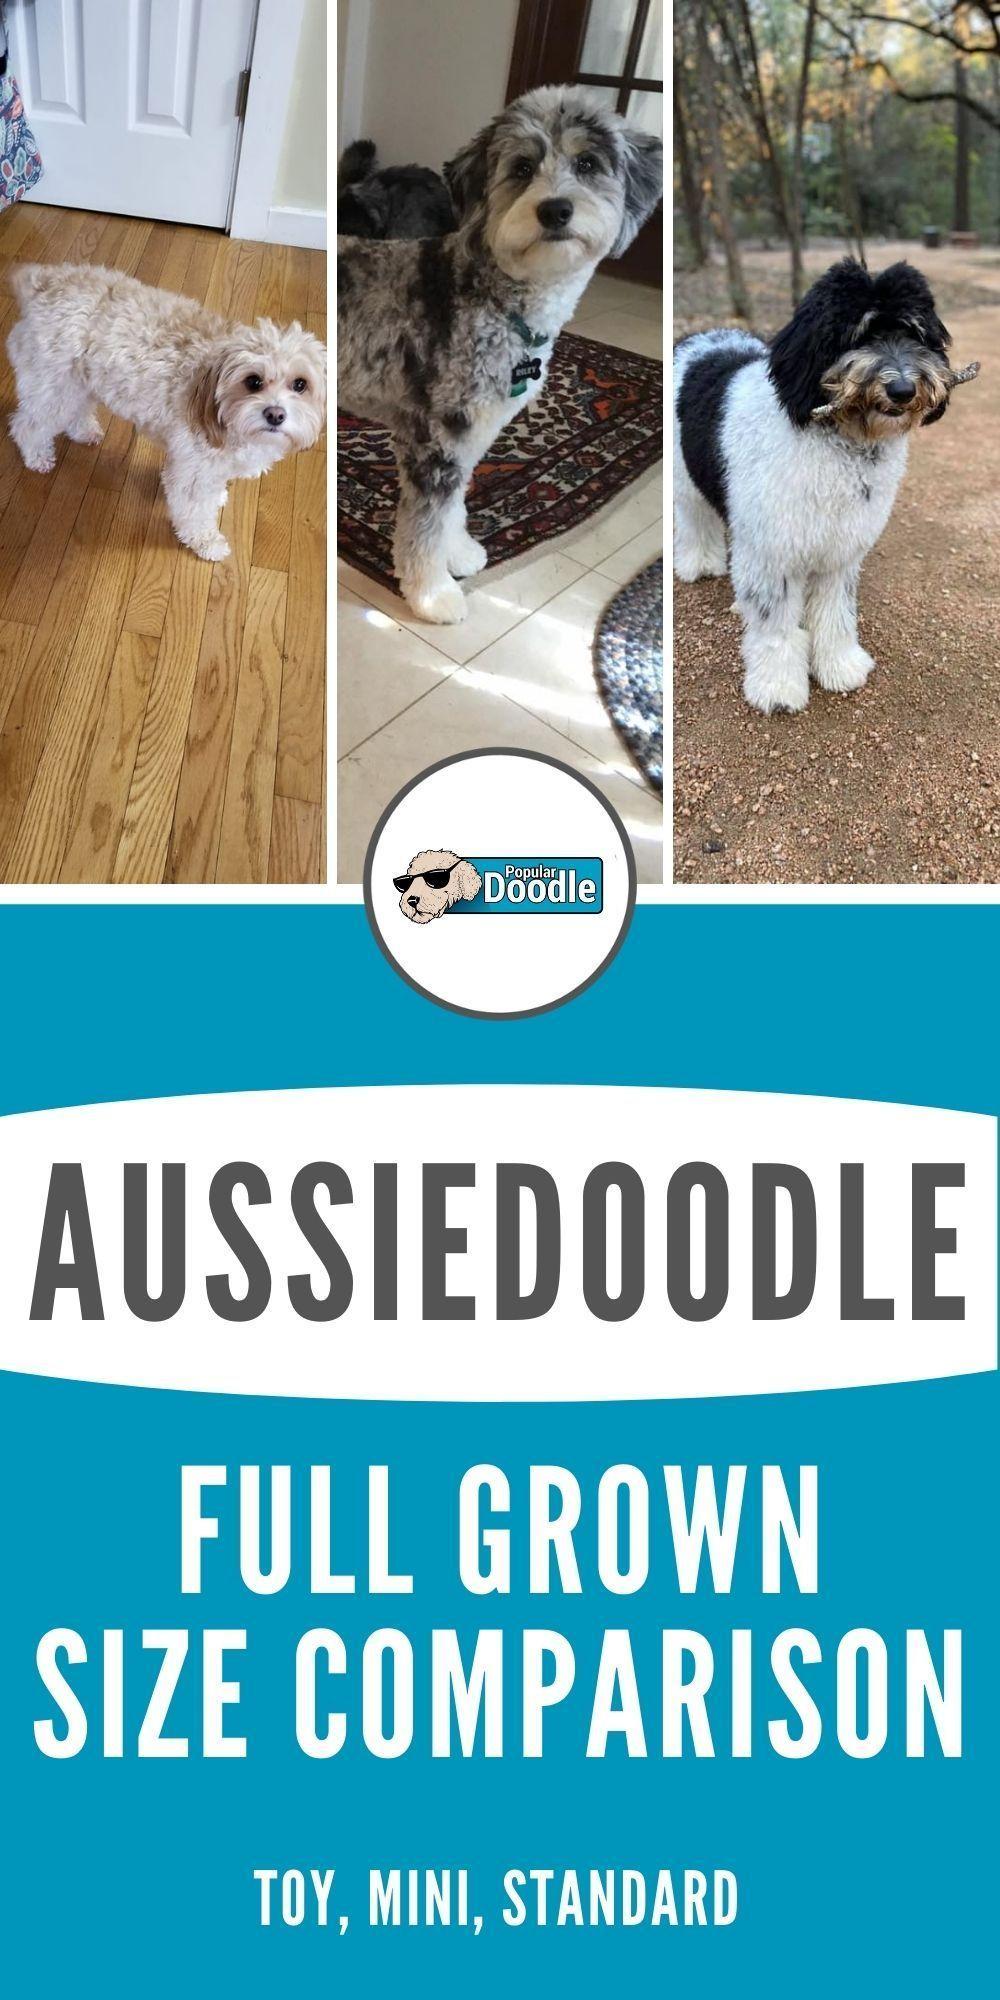 Mini Aussie Size Comparison : aussie, comparison, Aussiedoodle, Grown:, Sizes, (Toy,, Mini,, Standard), Aussiedoodle,, Aussie, Doodle, Puppy,, Breeds